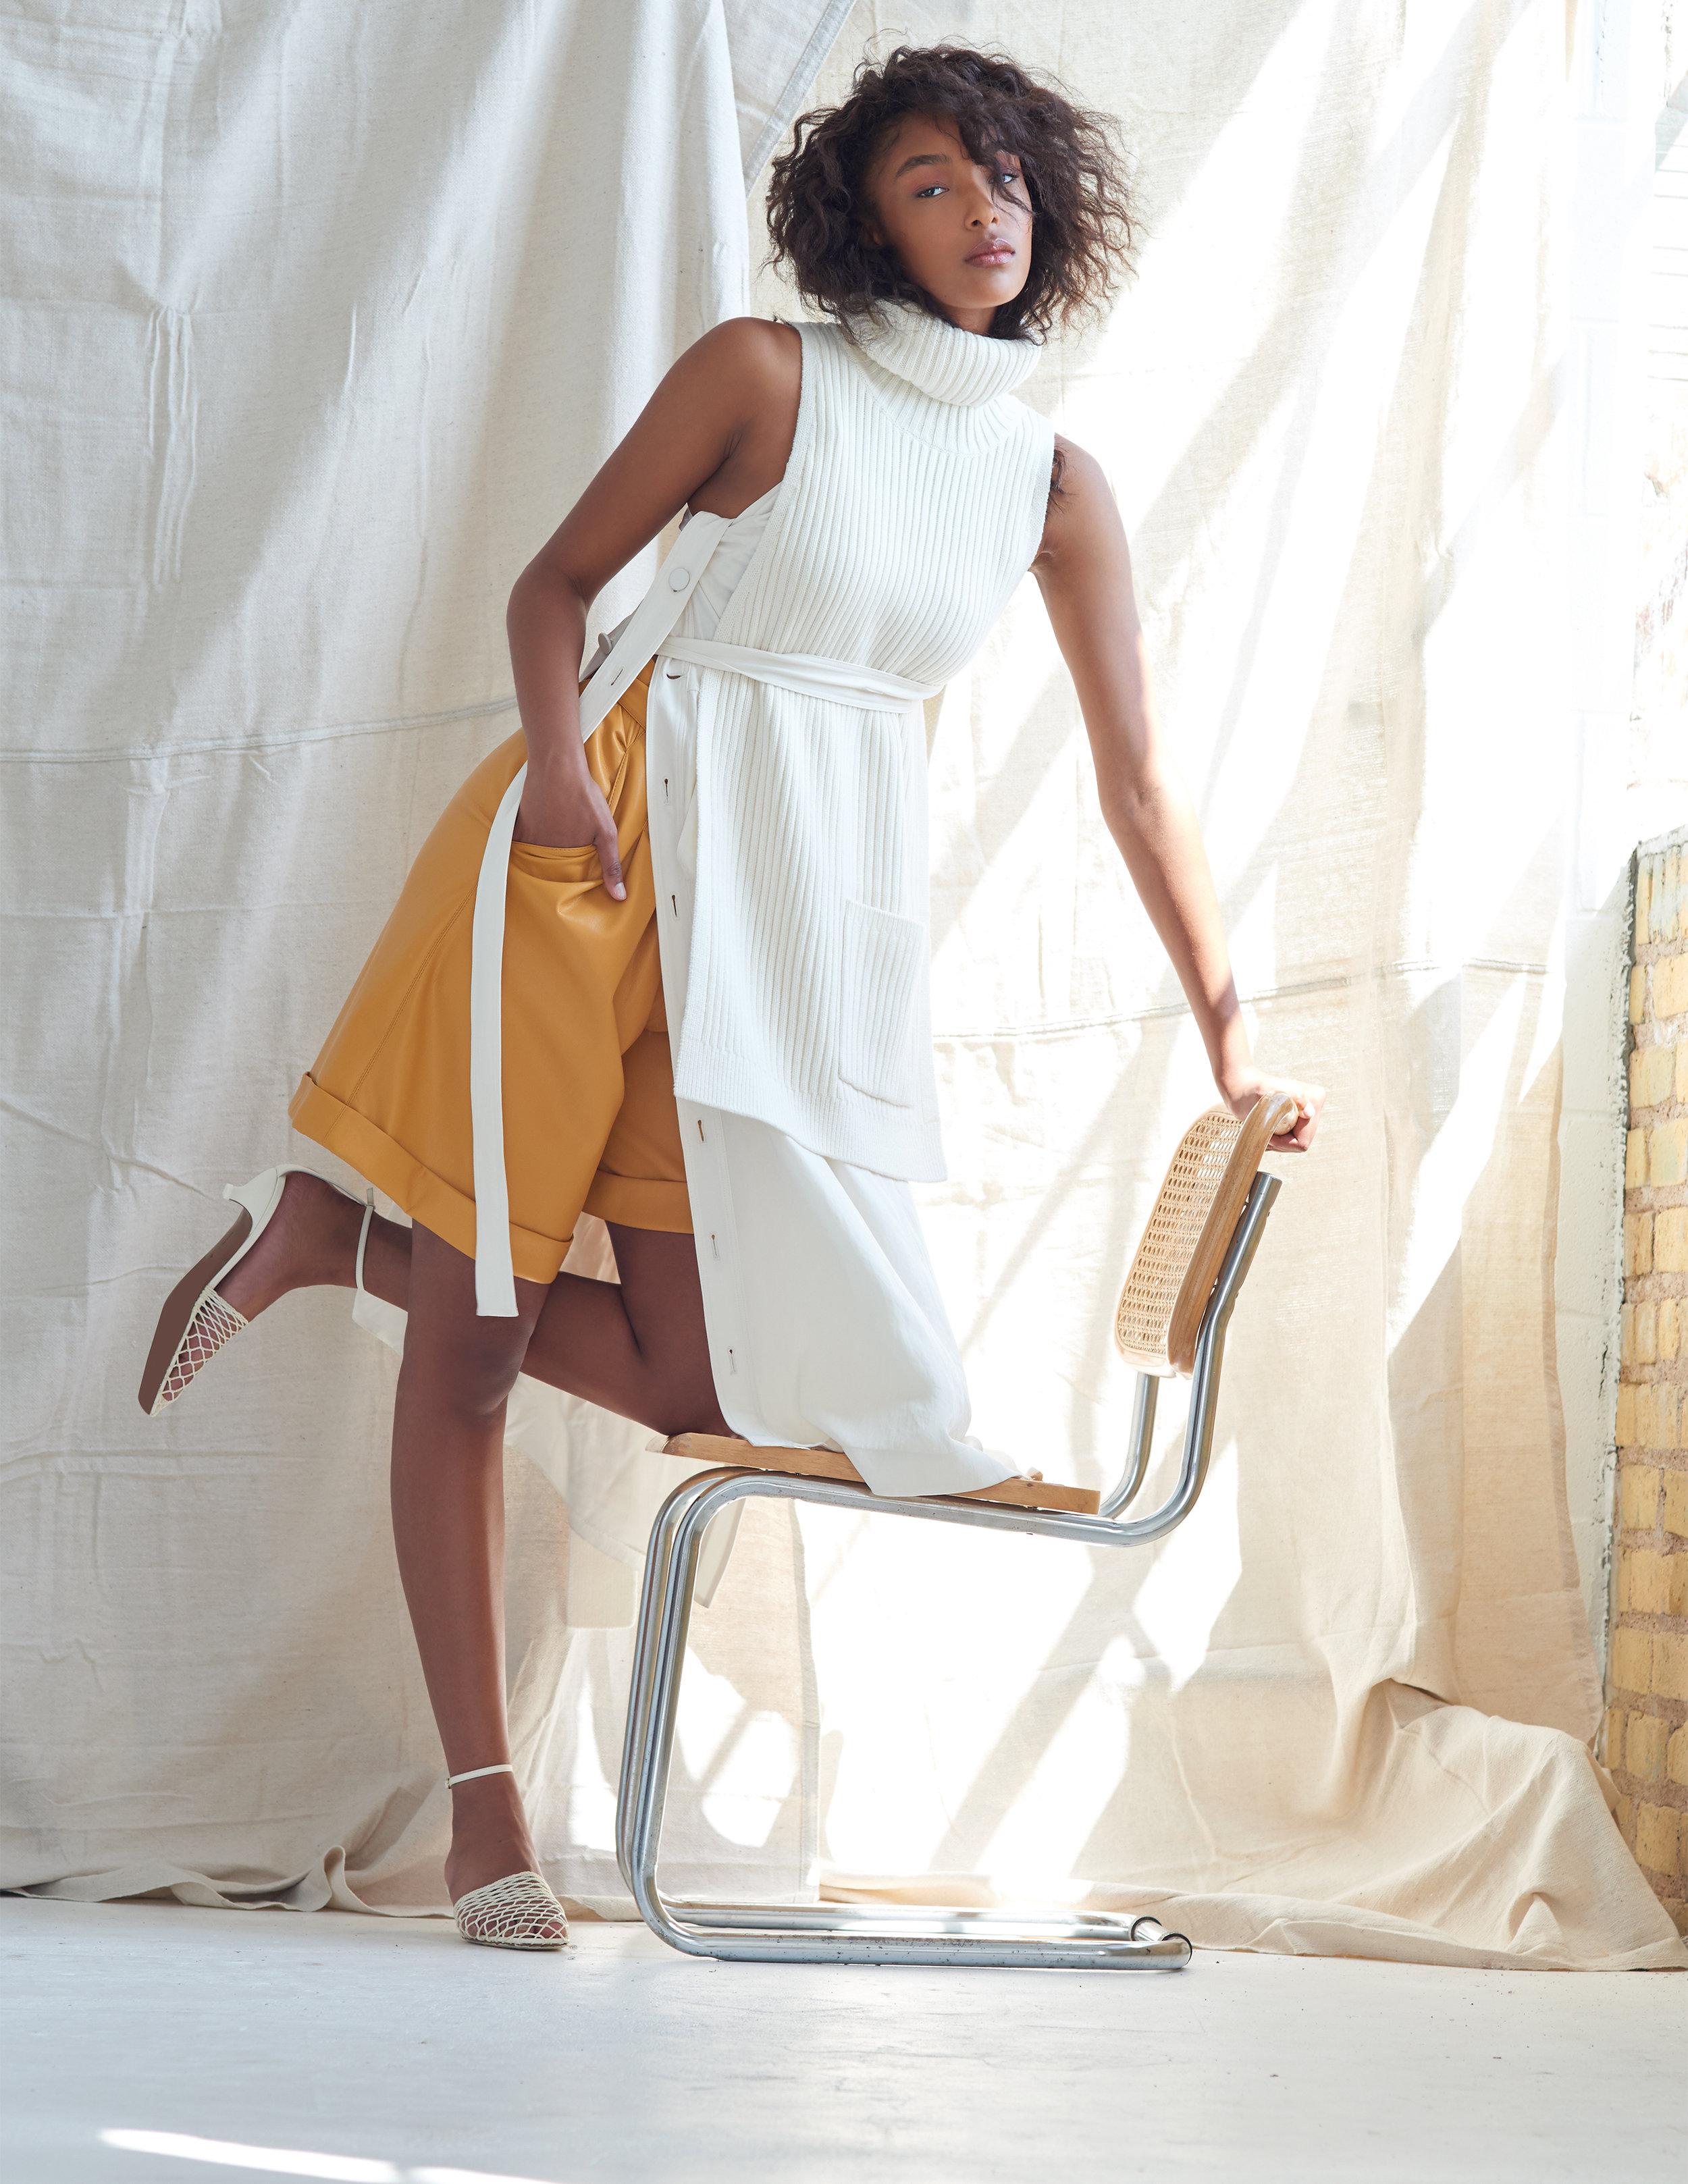 Tibi sweatervest  Rag & Bone dress  Nanushka shorts  Neous shoes